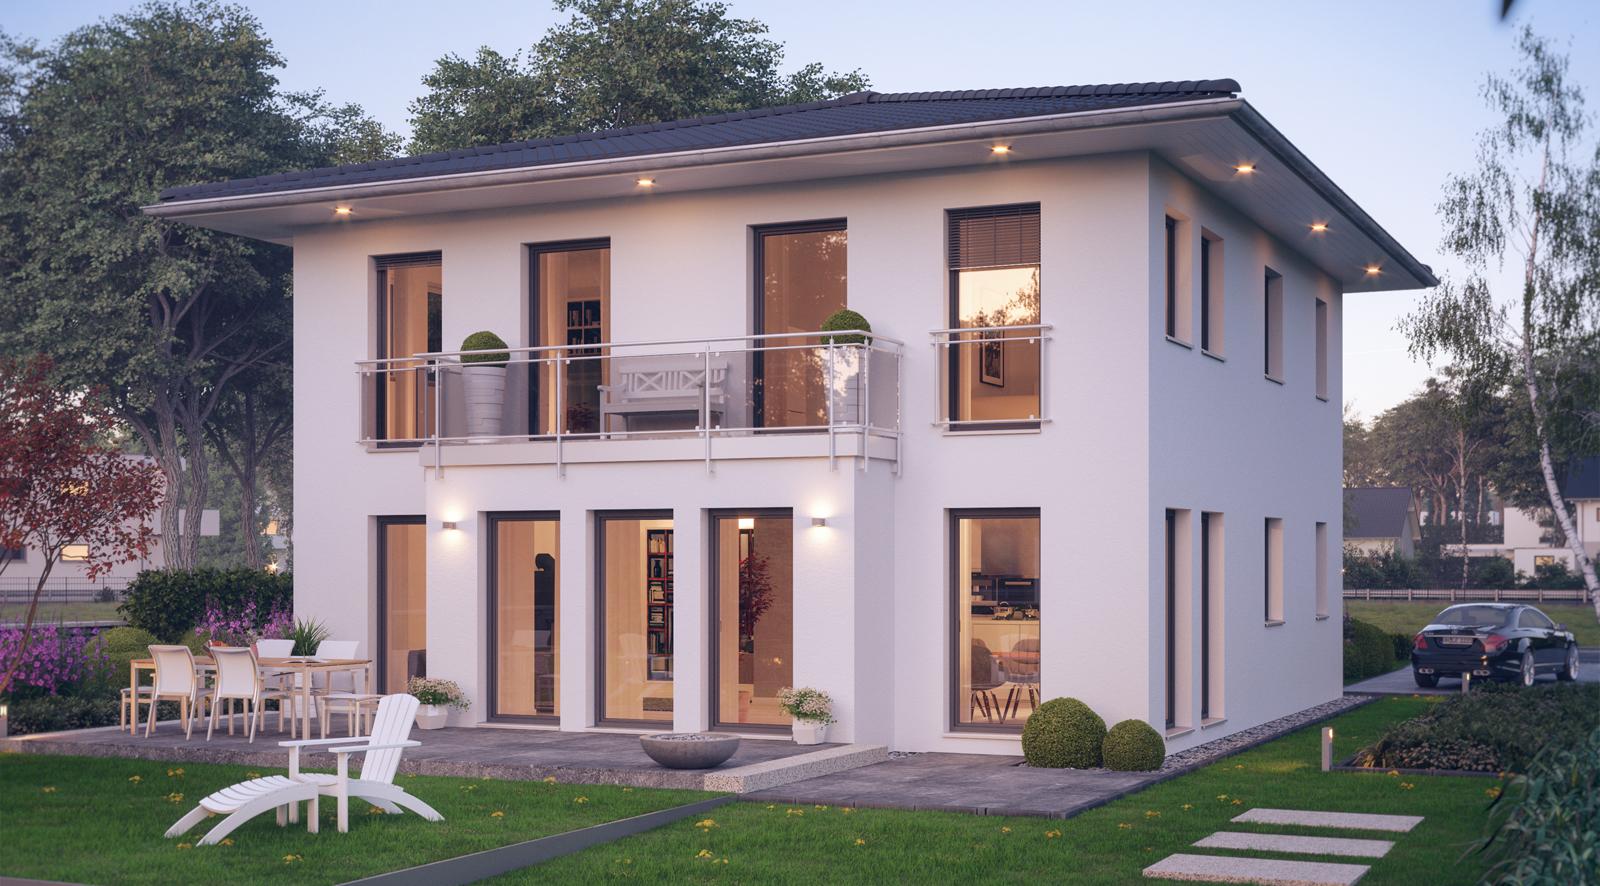 Lechner massivhaus